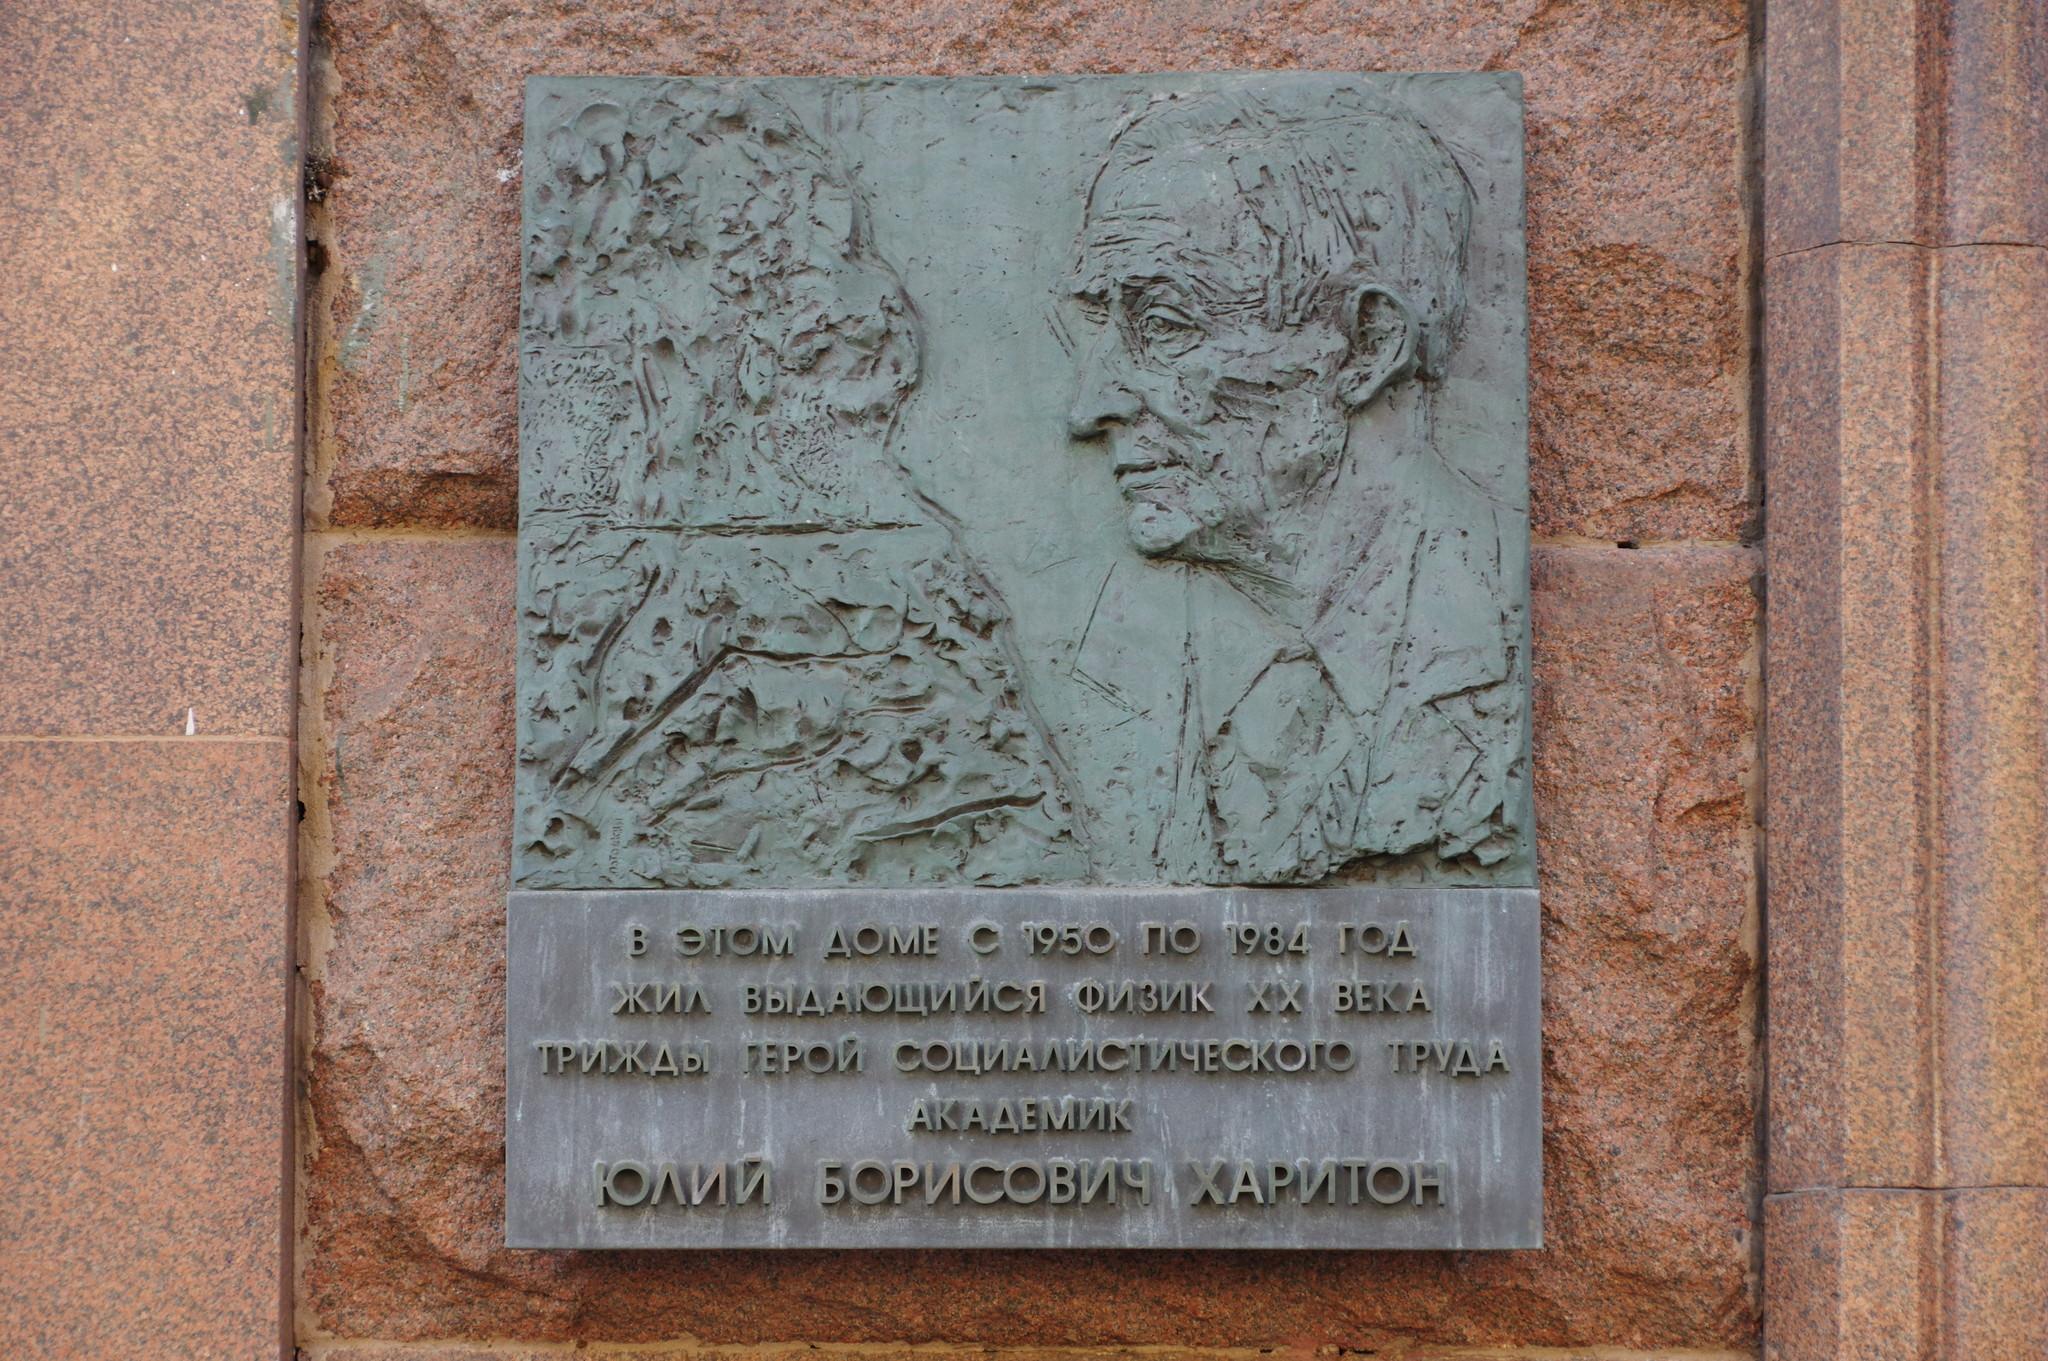 Мемориальная доска на доме (Тверская улица, дом 9), где с 1950 года по 1984 год жил трижды Герой Социалистического Труда, академик Юлий Борисович Харитон